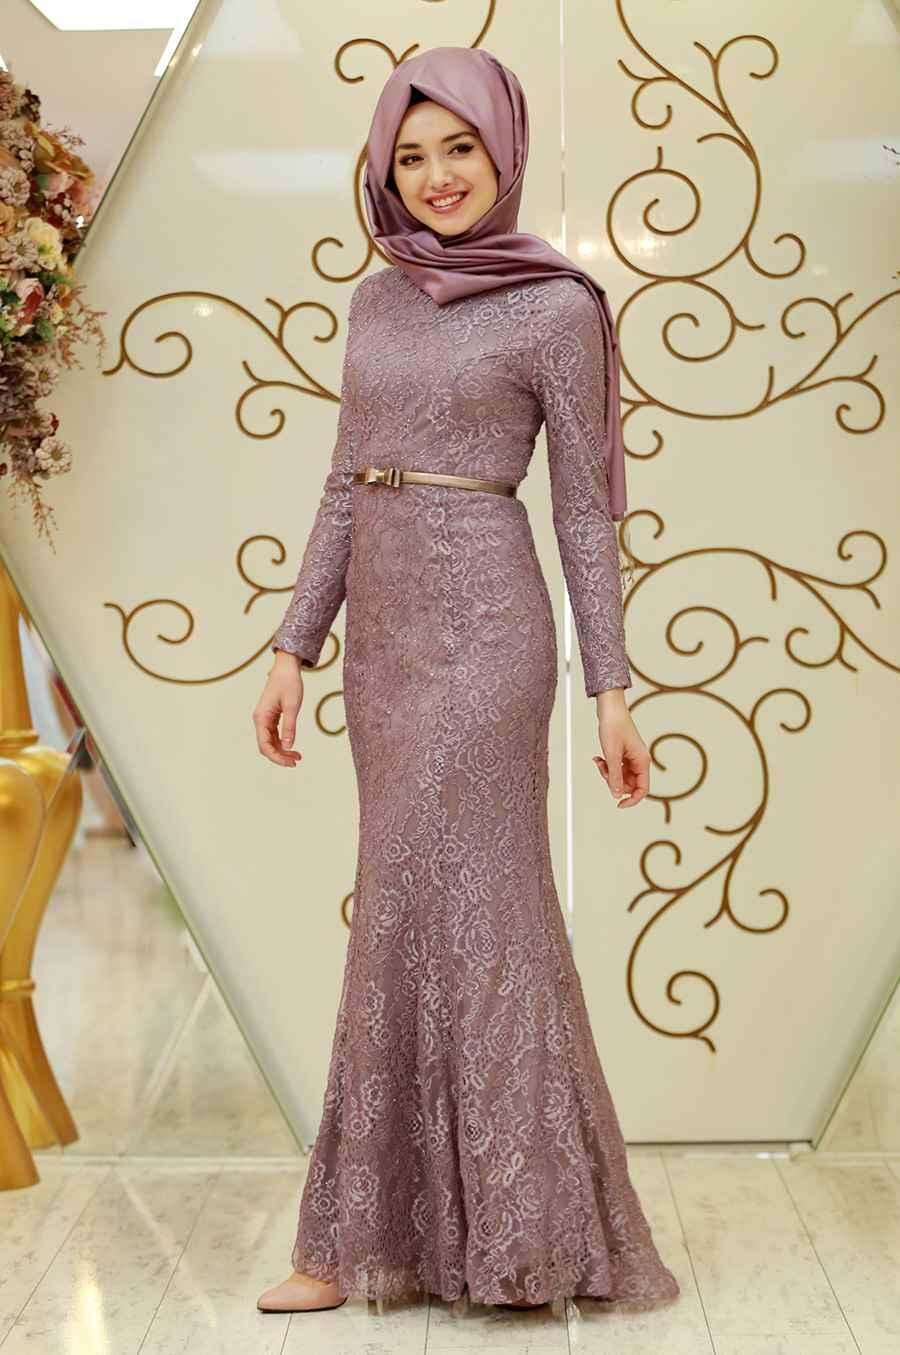 Gamze Özkul Tesettür Balık Abiye Elbise Modelleri